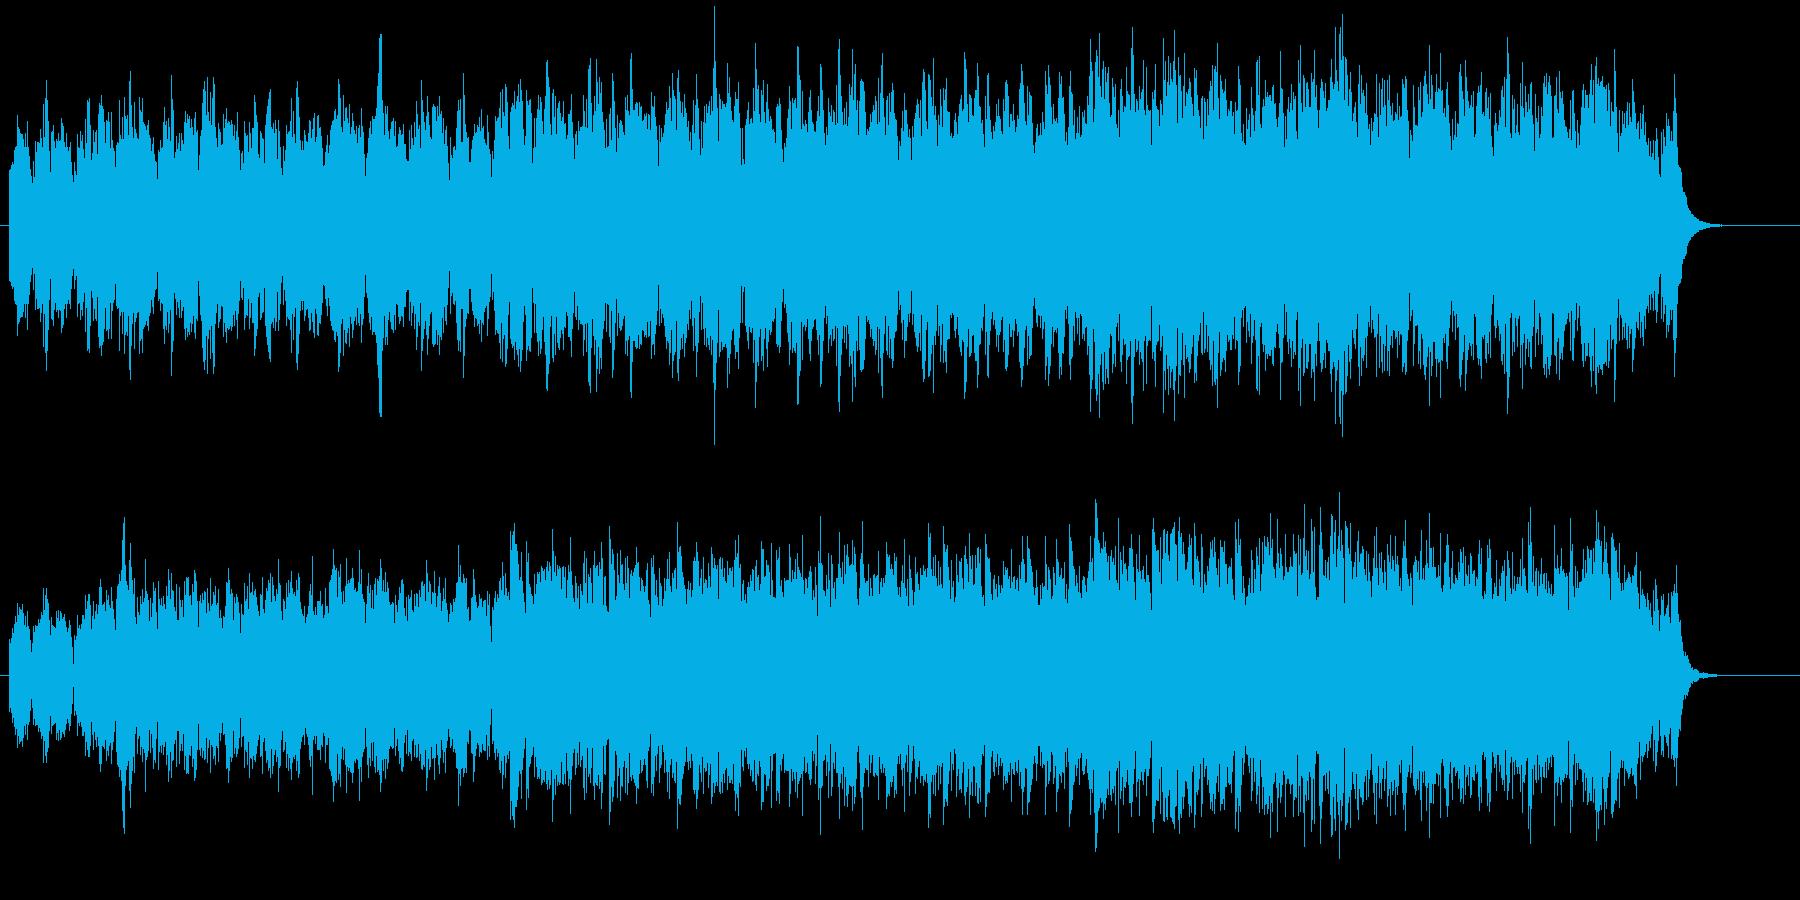 メロディーを排除した正攻法な環境音楽の再生済みの波形